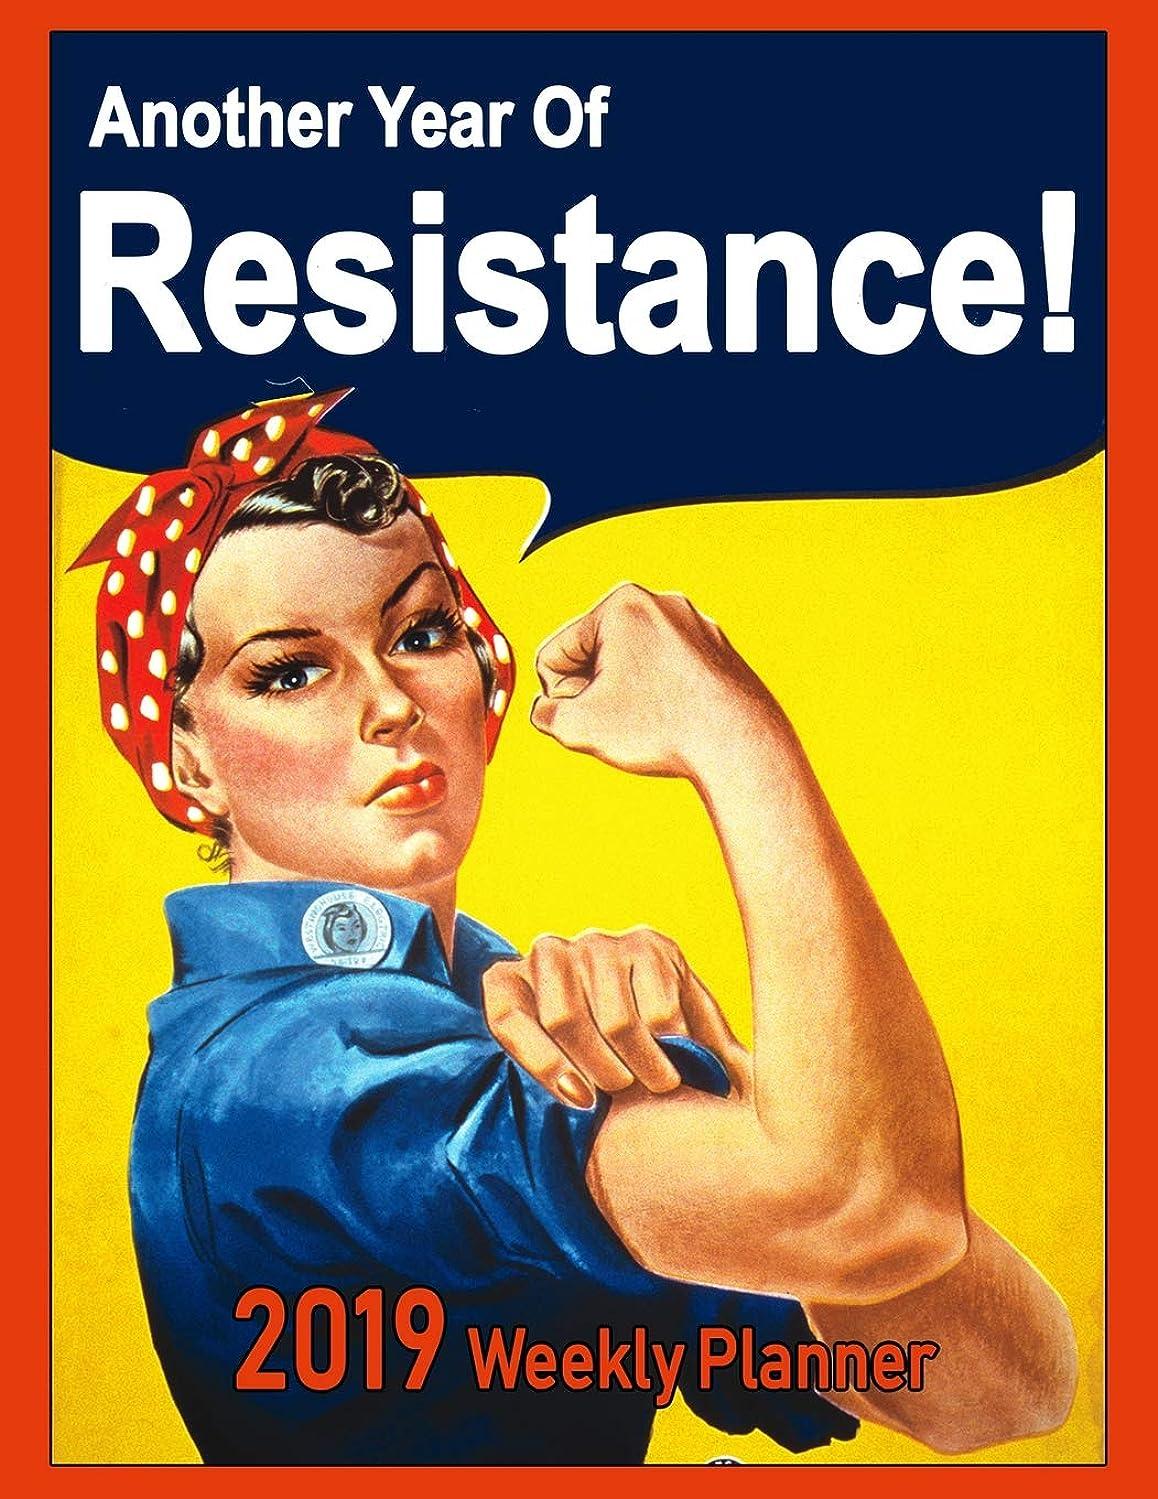 孤児名詞高揚した2019 Weekly Planner: Another Year Of Resistance!: Vintage Poster Art Cover, with A Twist